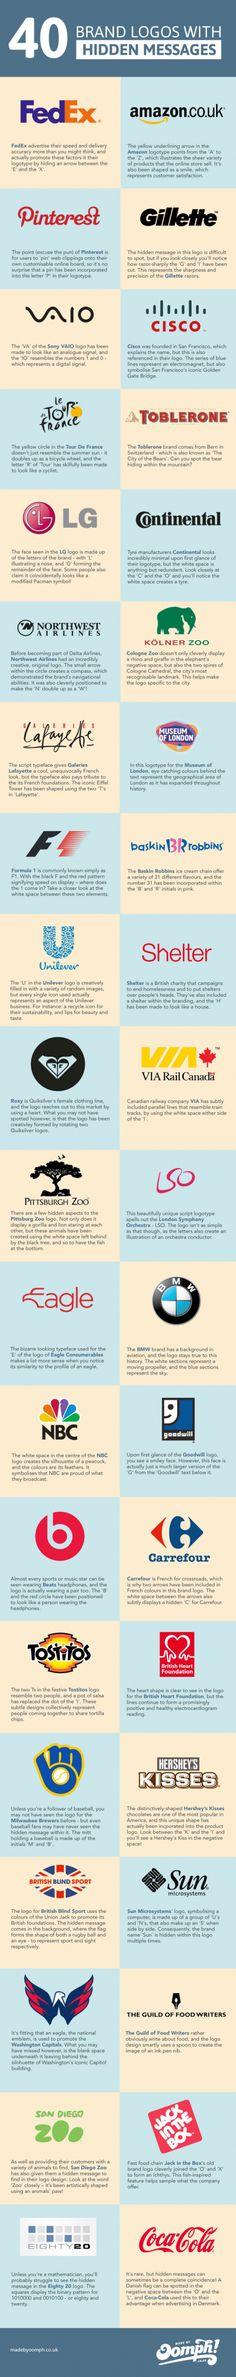 40-logos-hidden-messages